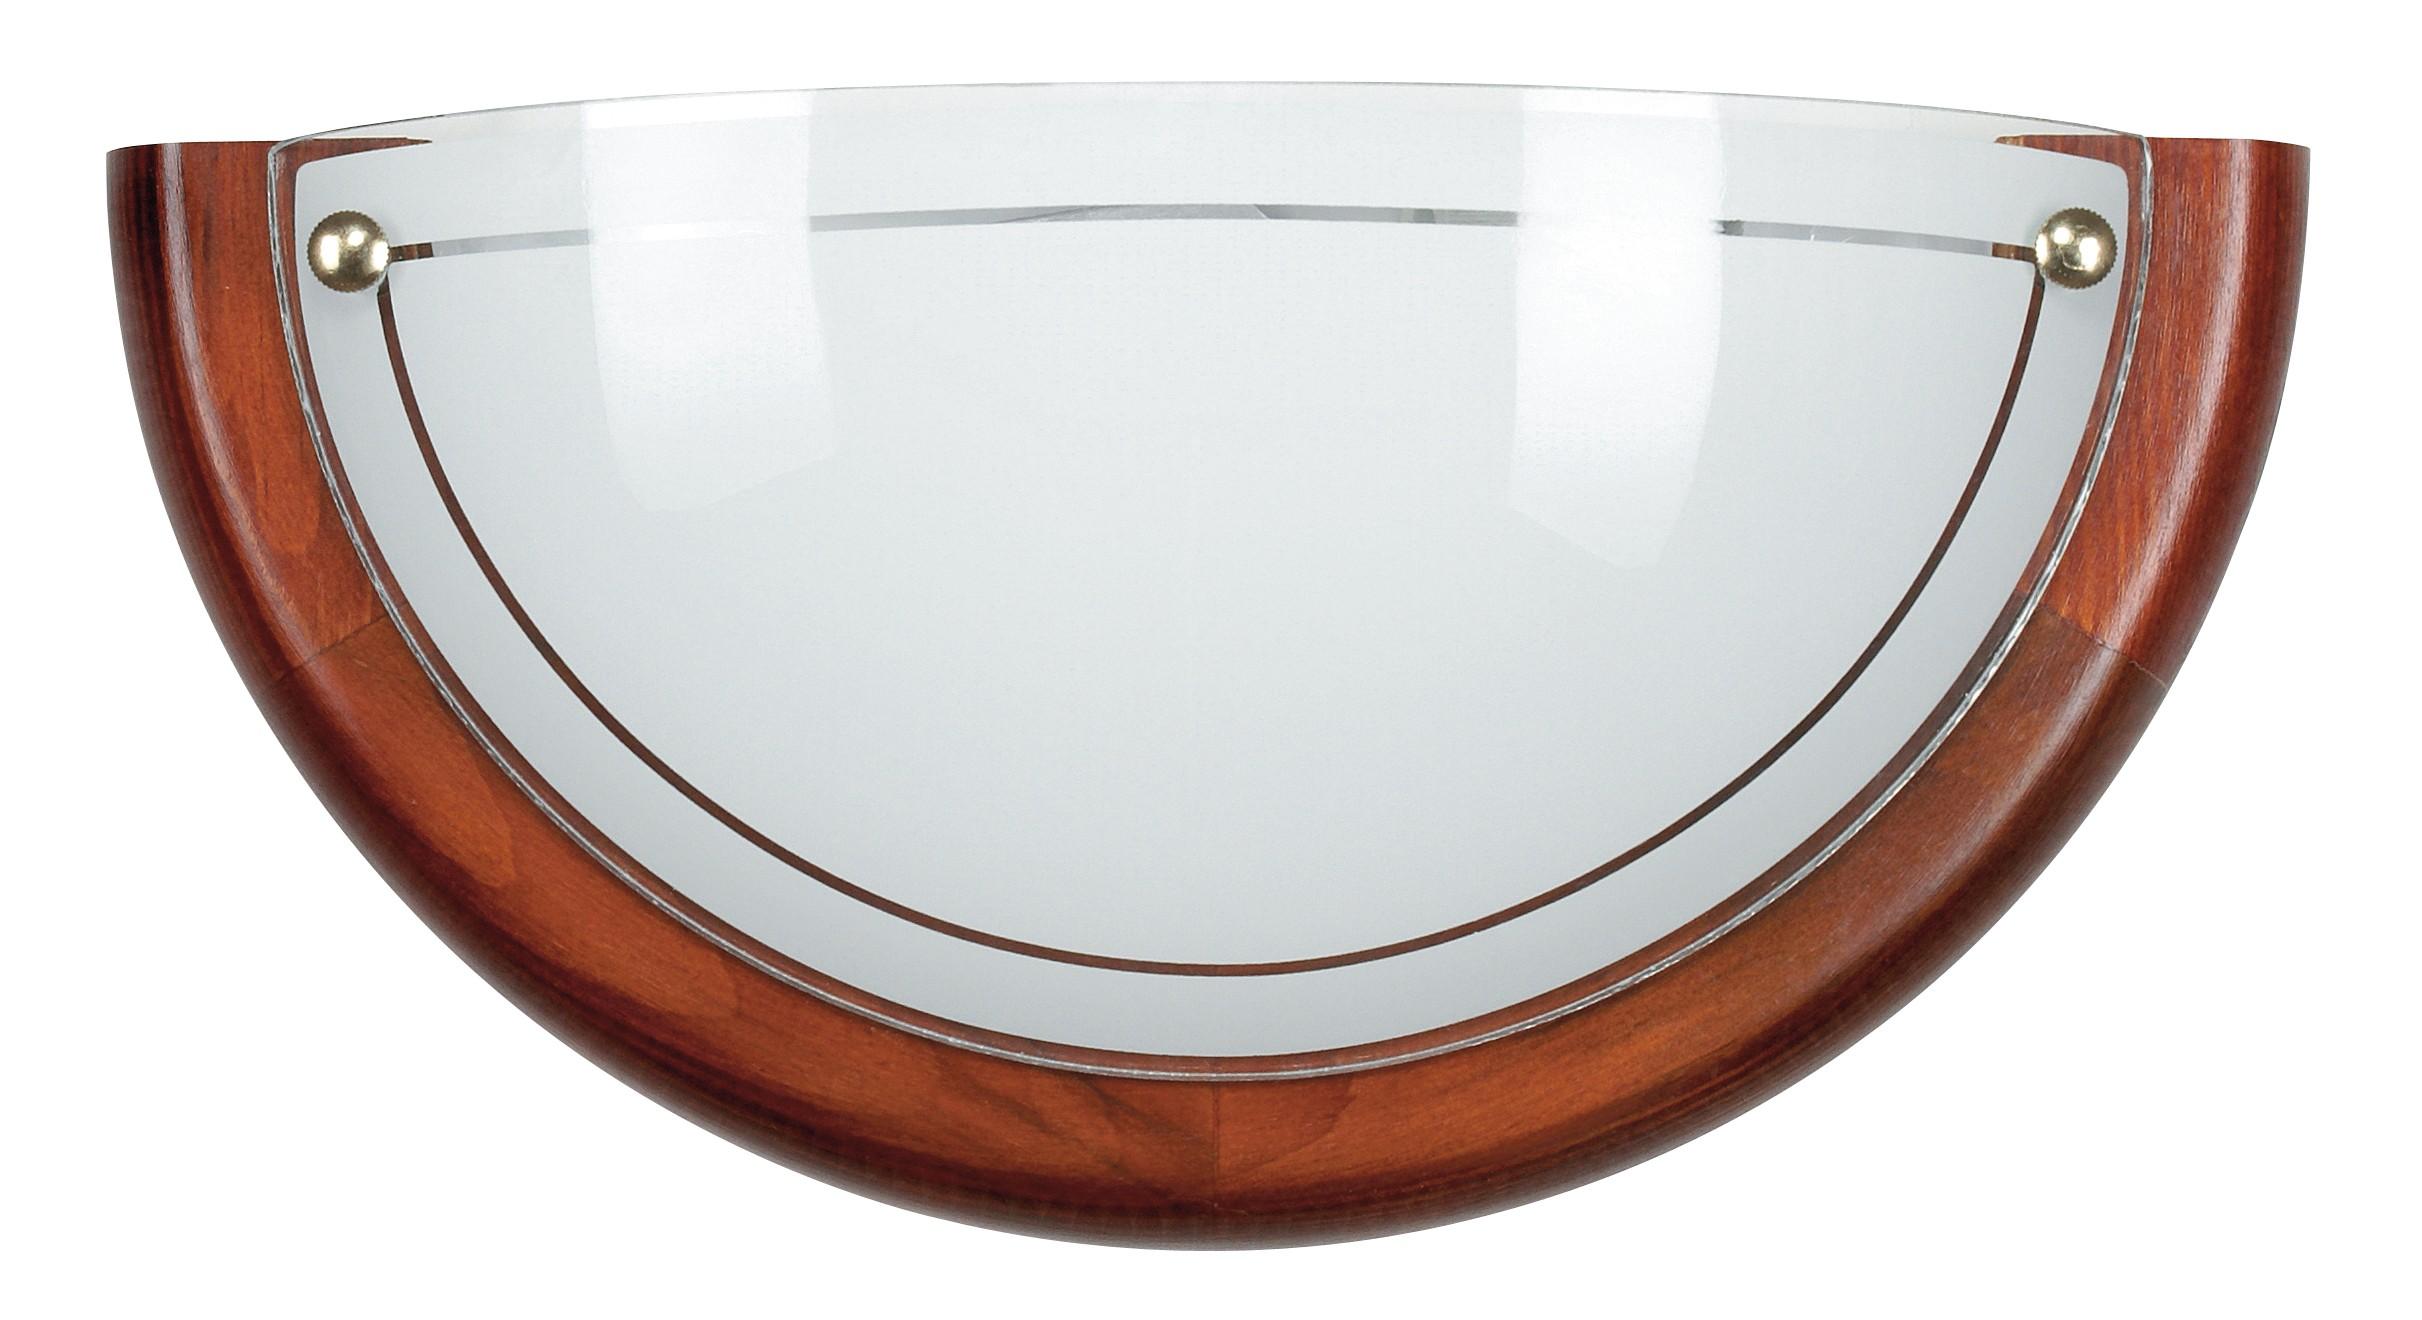 Plafoniere Moderne In Legno : 07 02012 8031414033577 fan europe lighting applique lunetta con